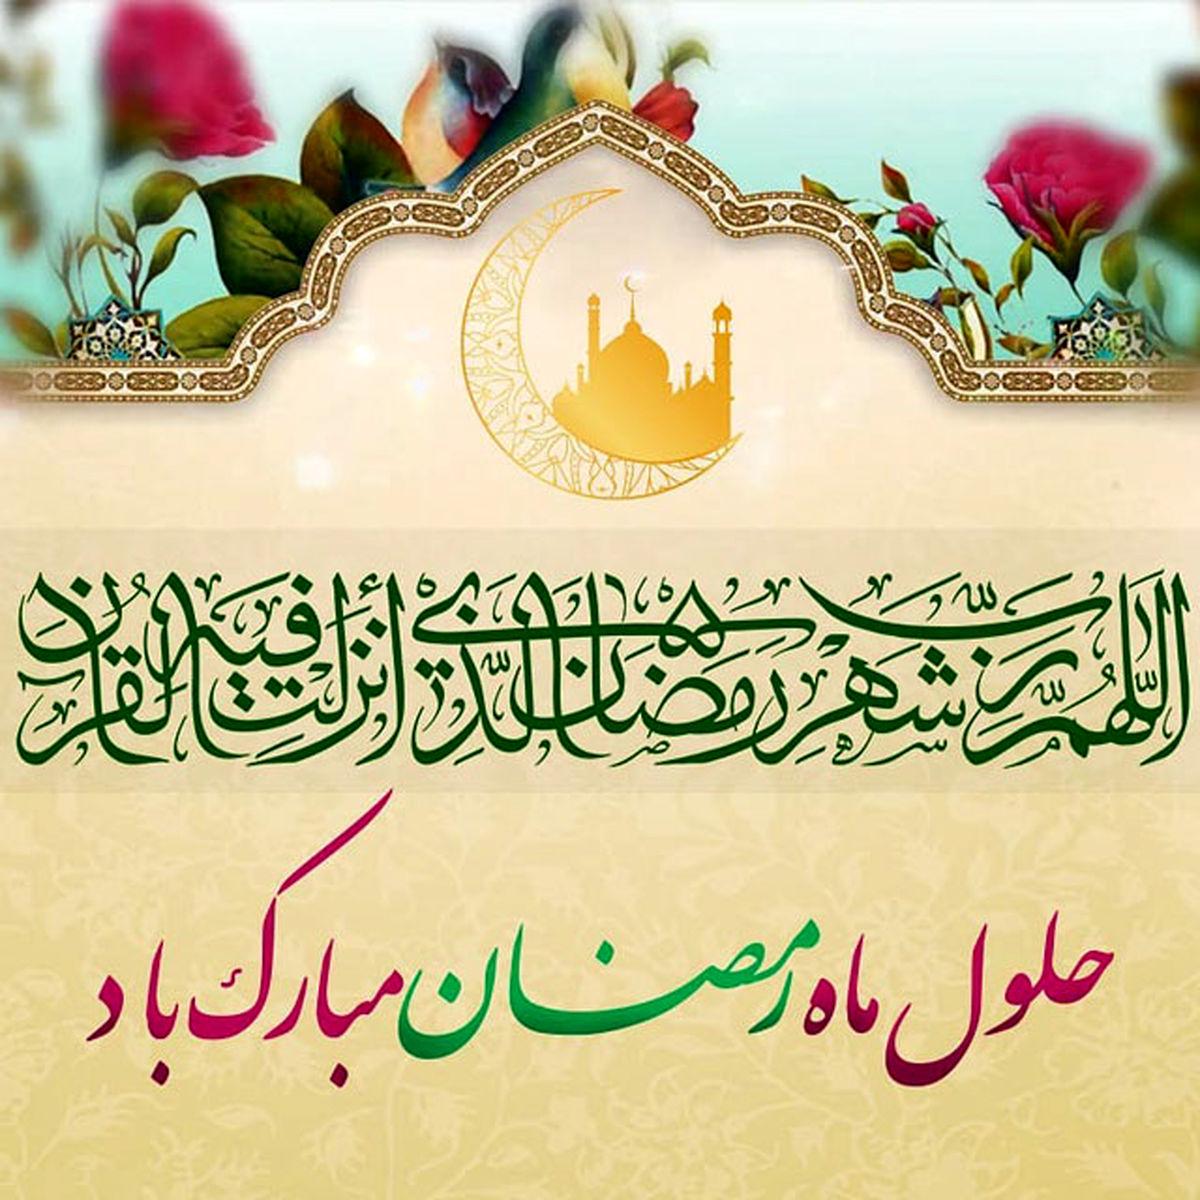 ماه رمضان | اعمال اولین روز ماه رمضان